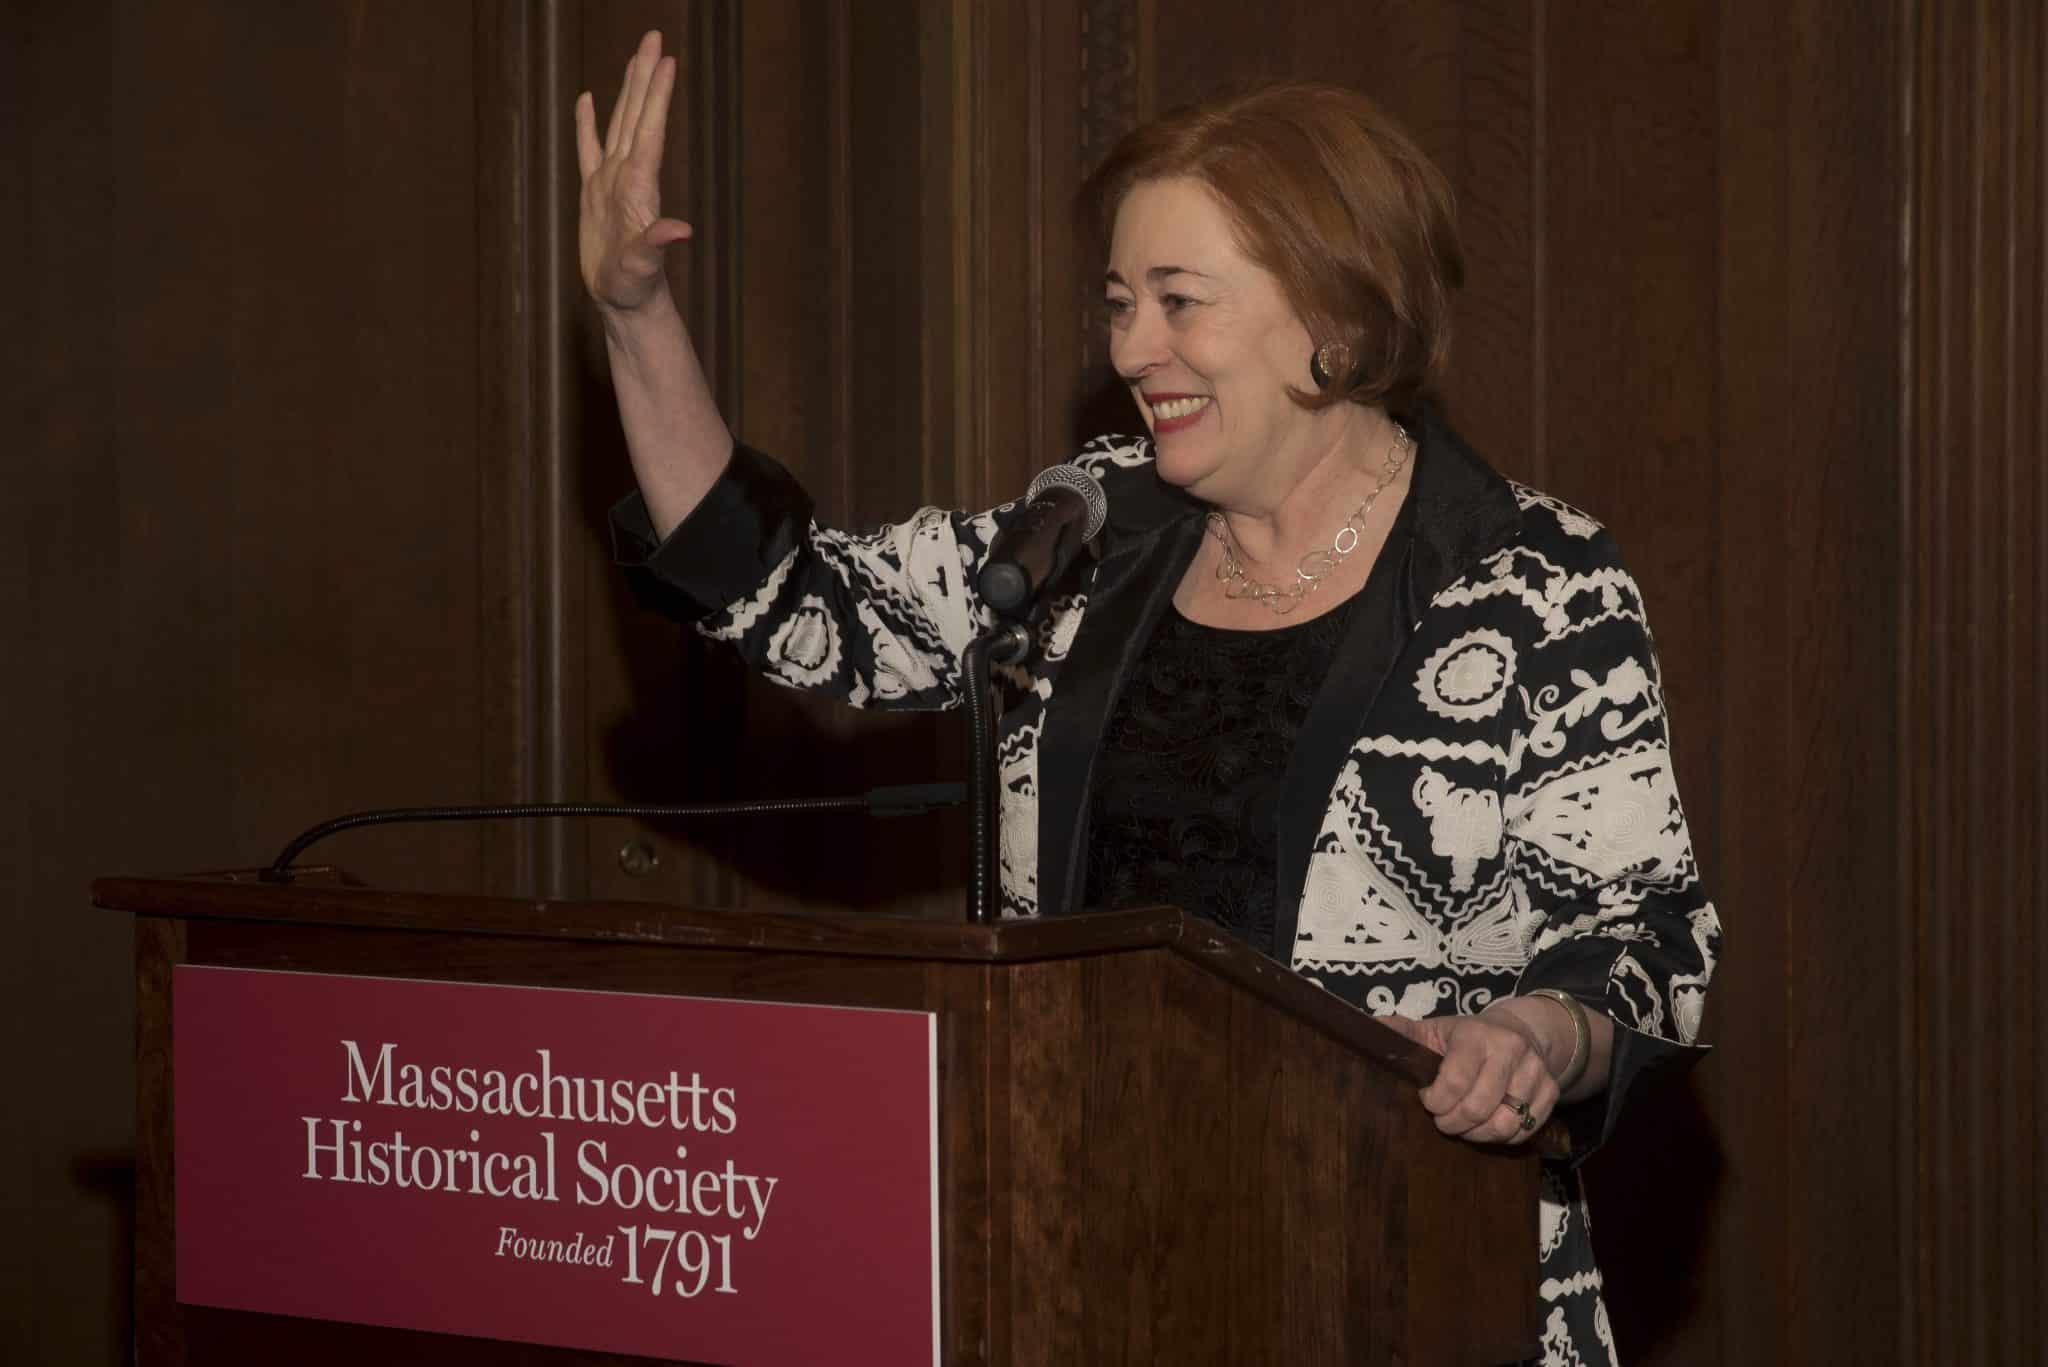 woman-at-podium